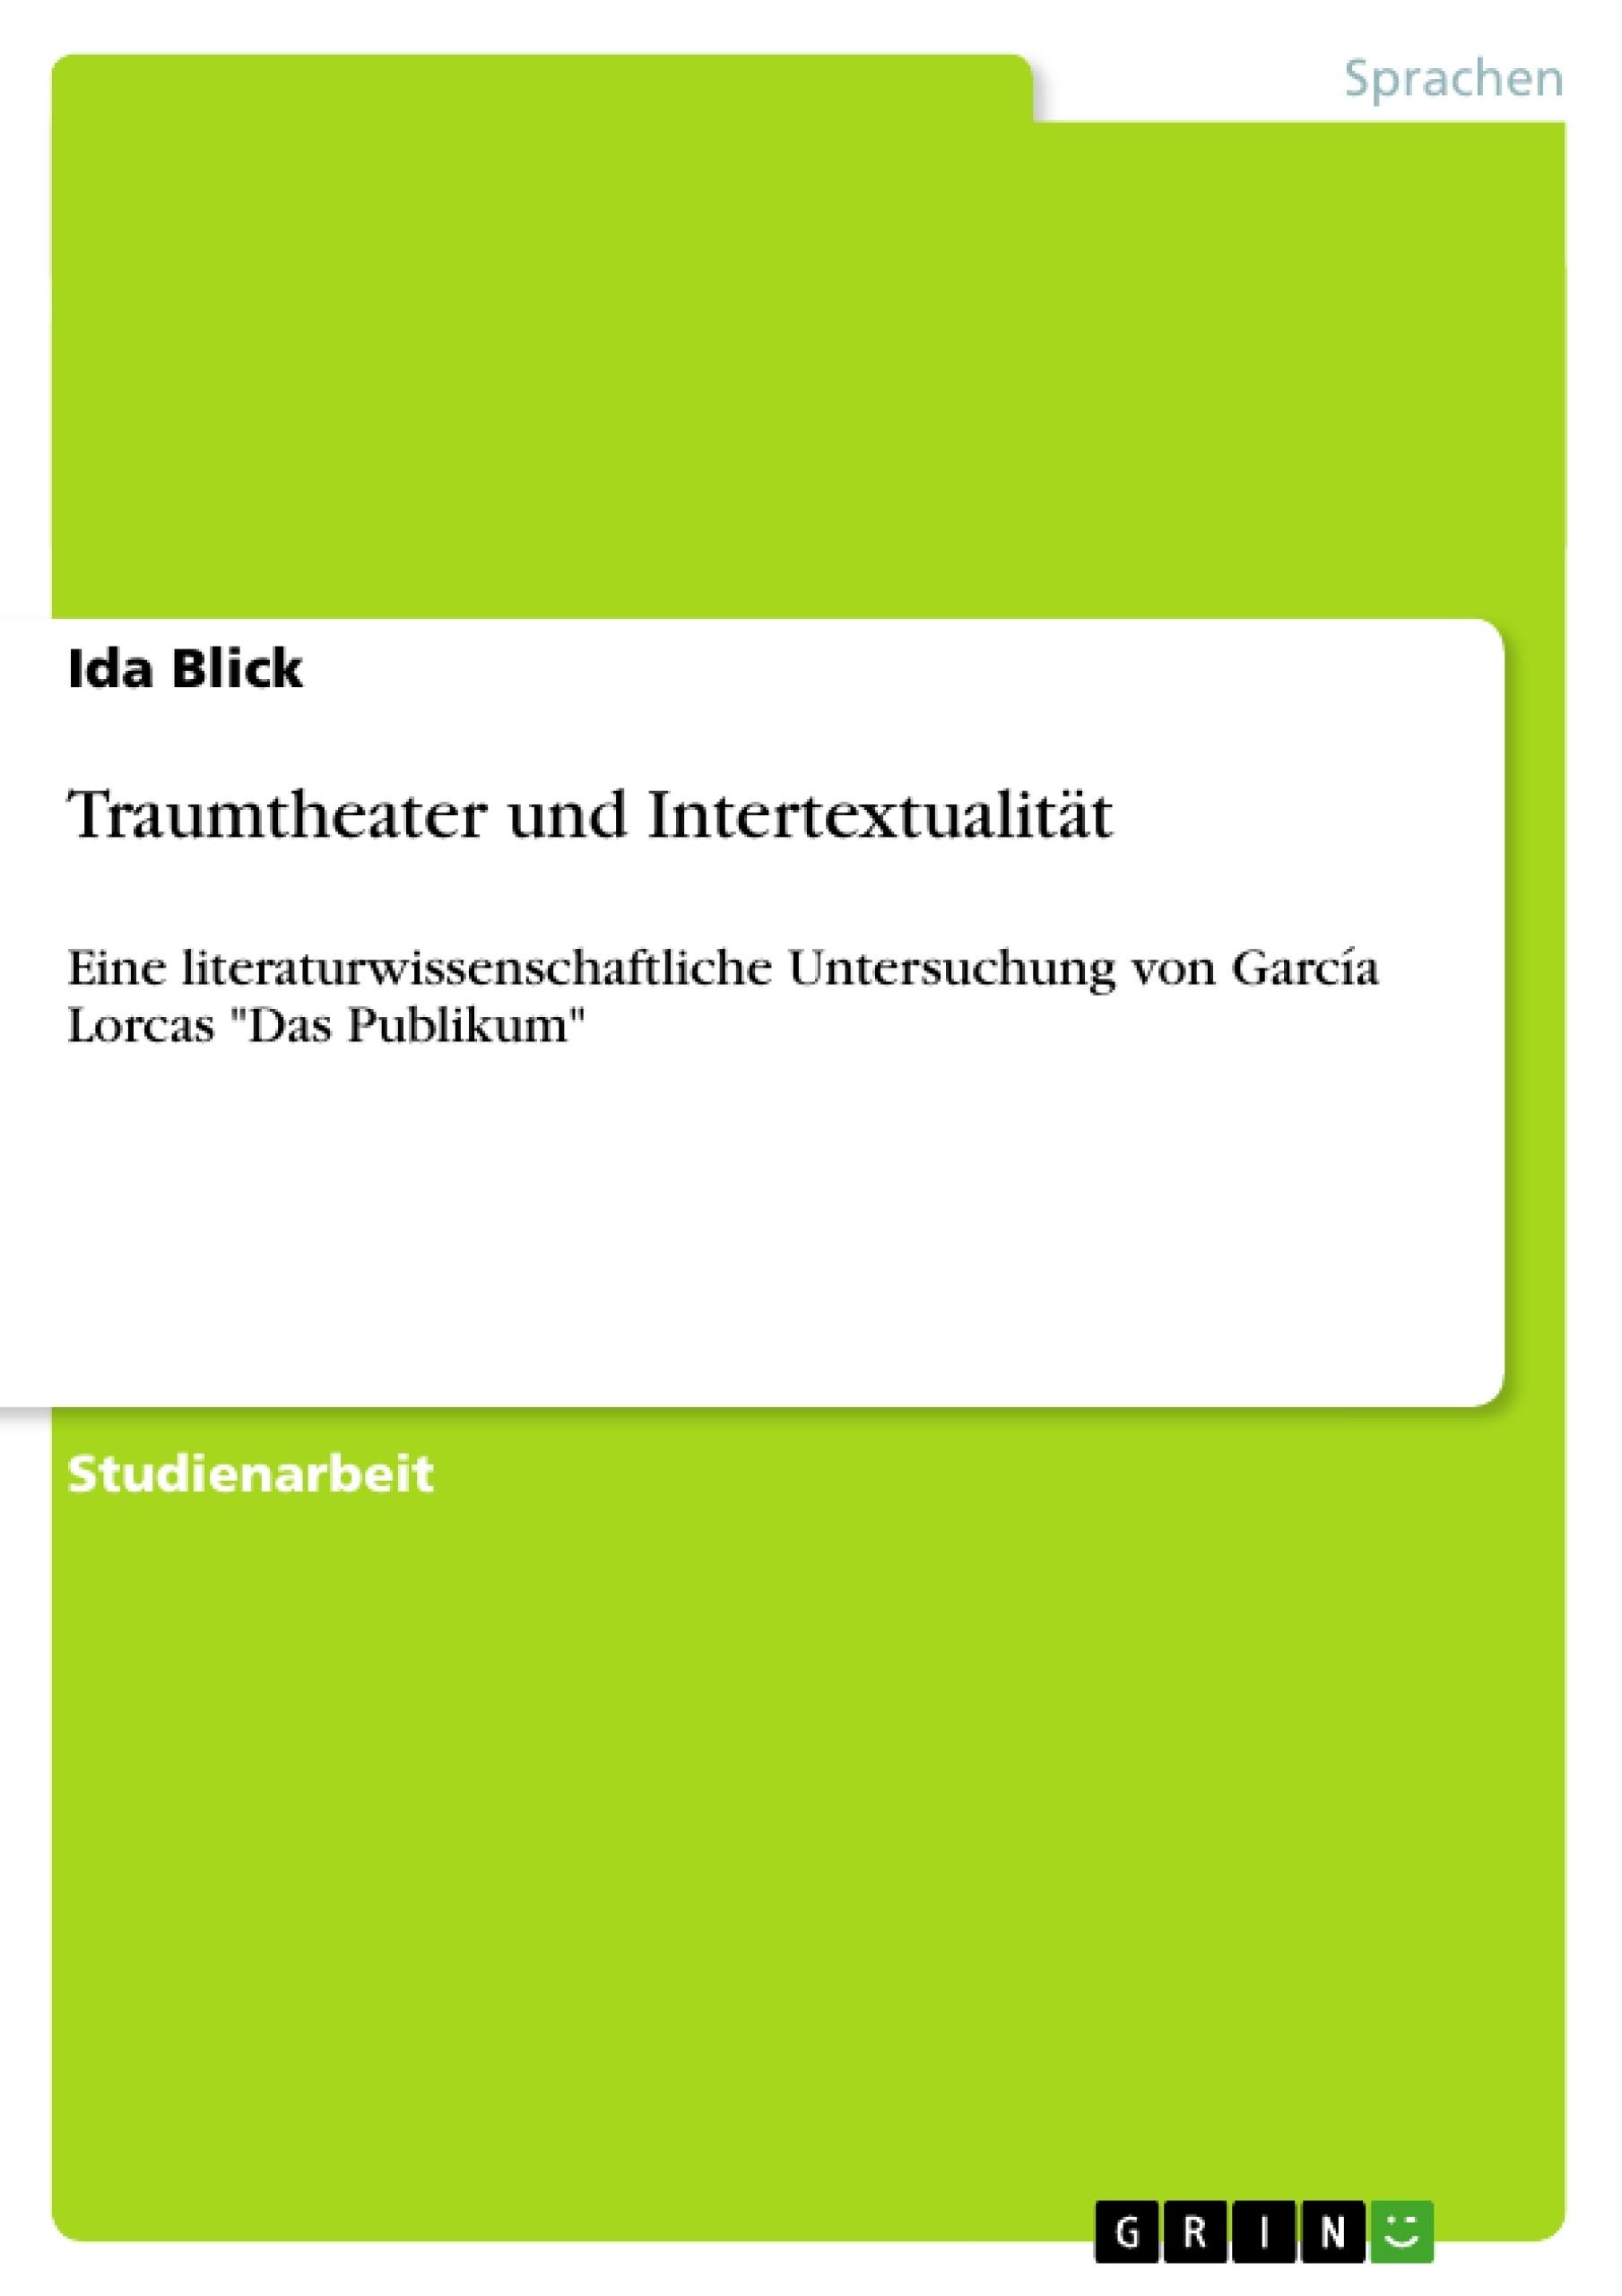 Titel: Traumtheater und Intertextualität